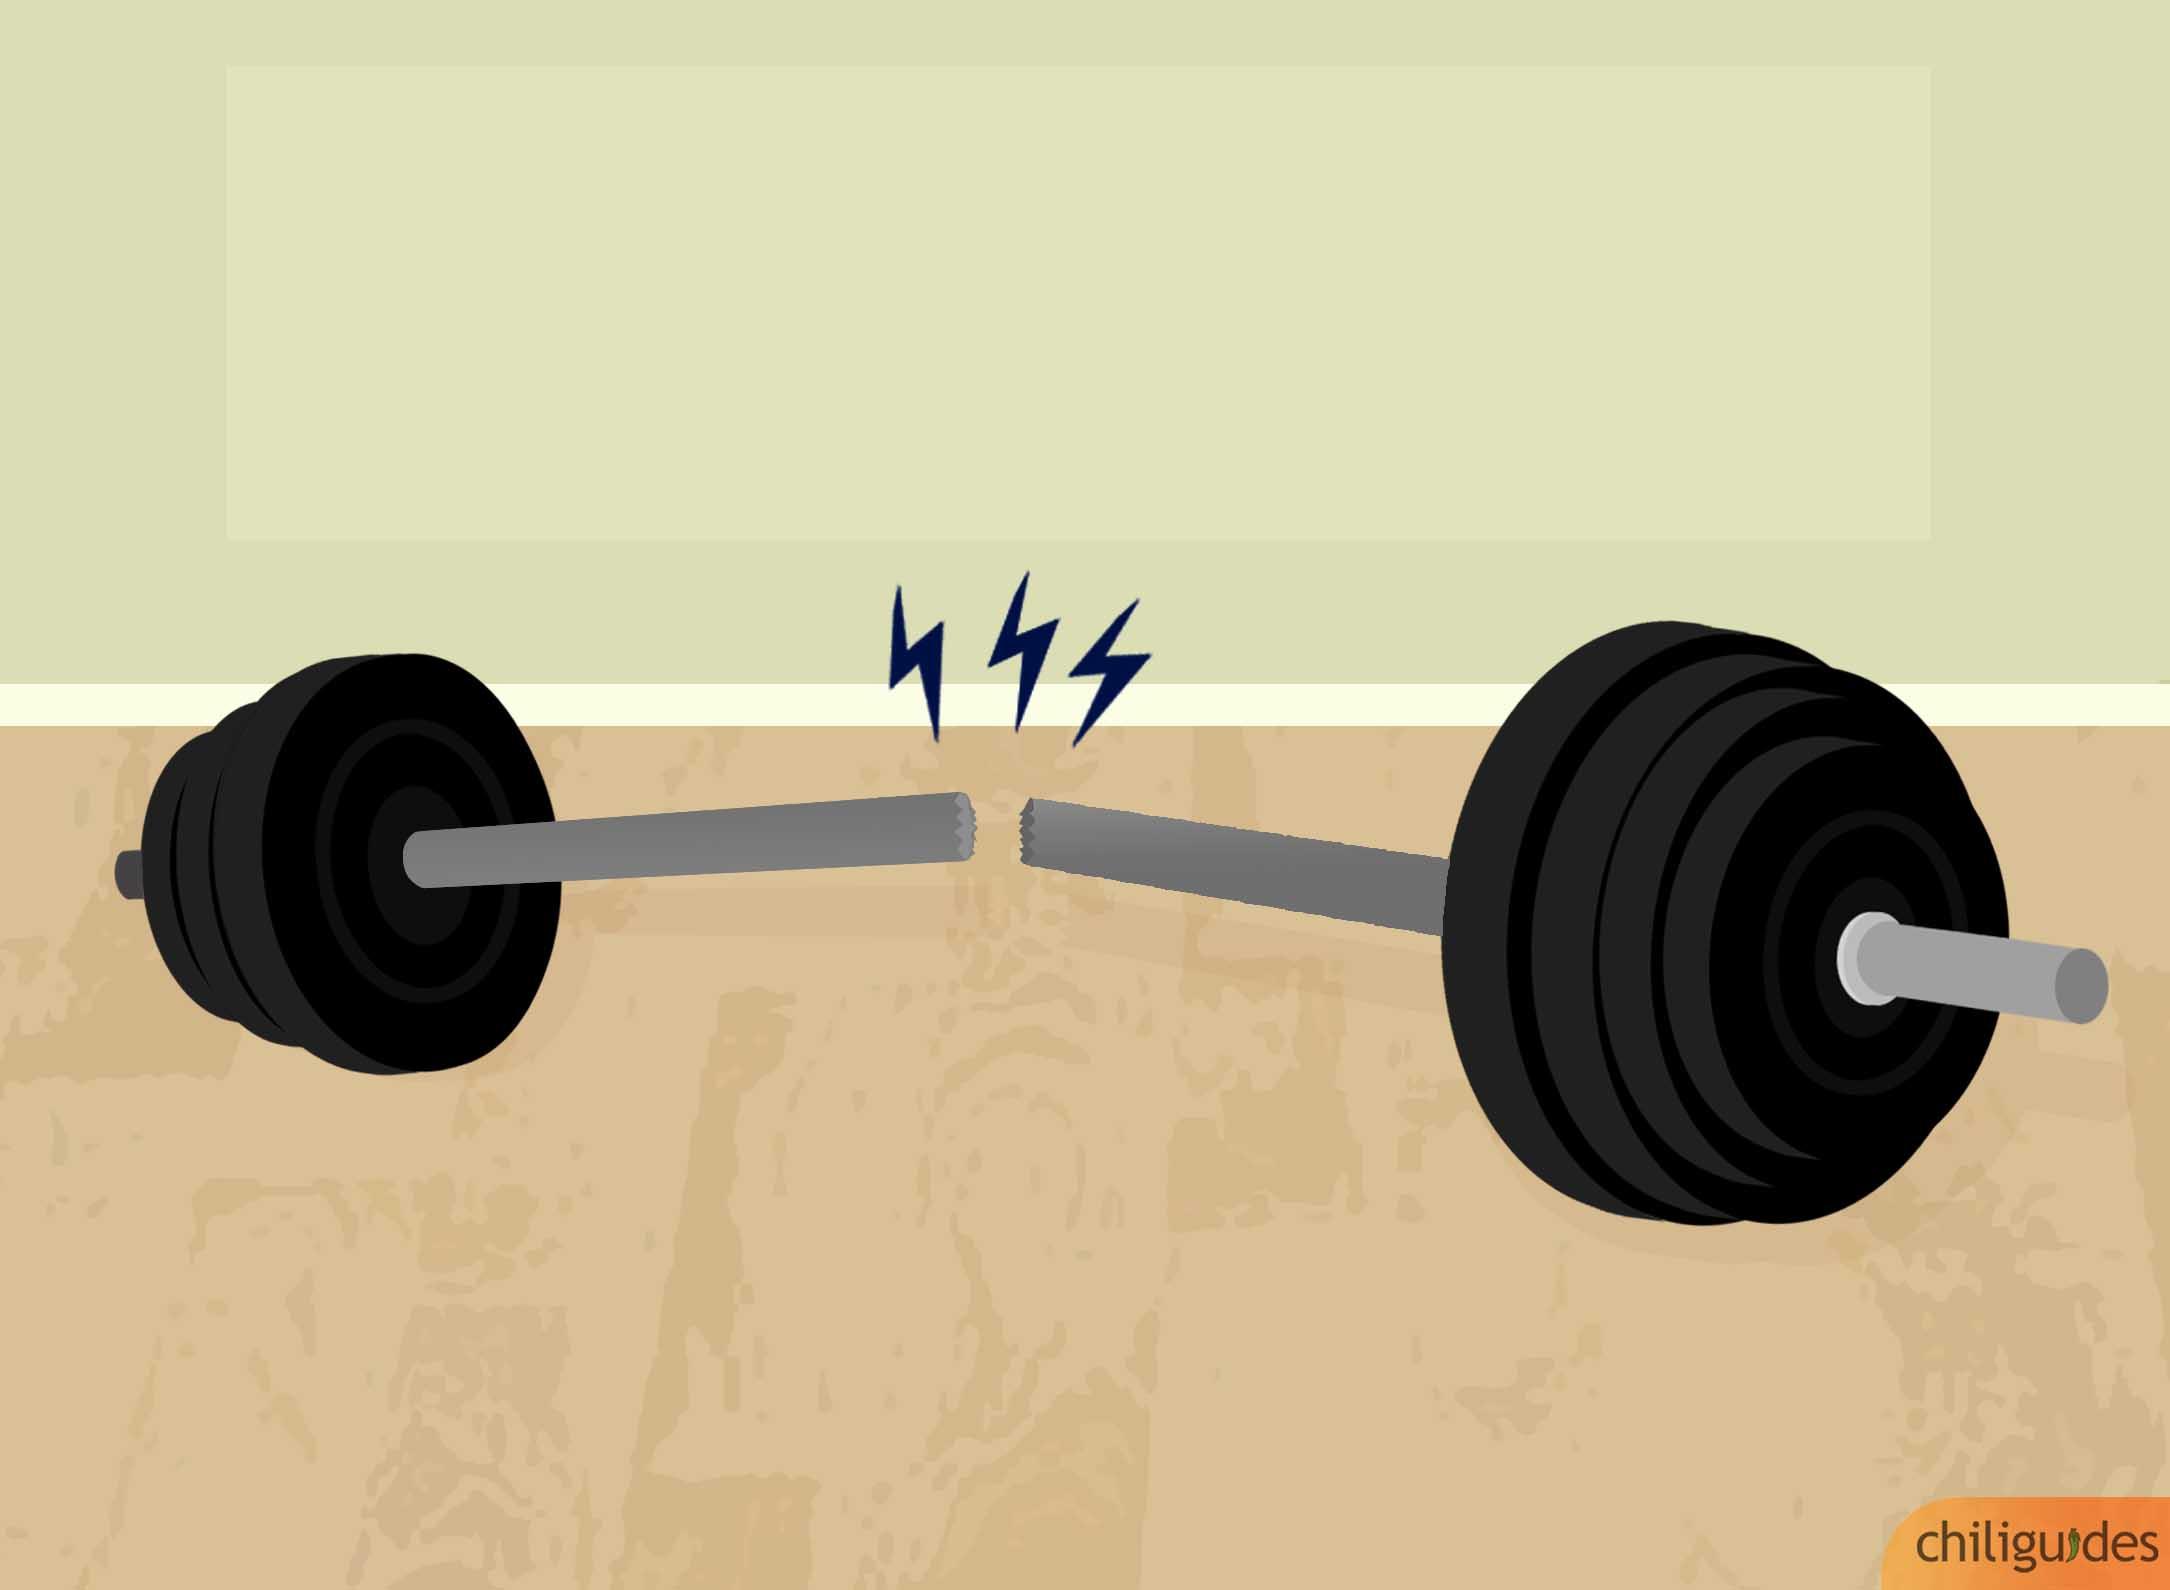 <p><b>Look for tensile strength, not yield strength.</b></p>